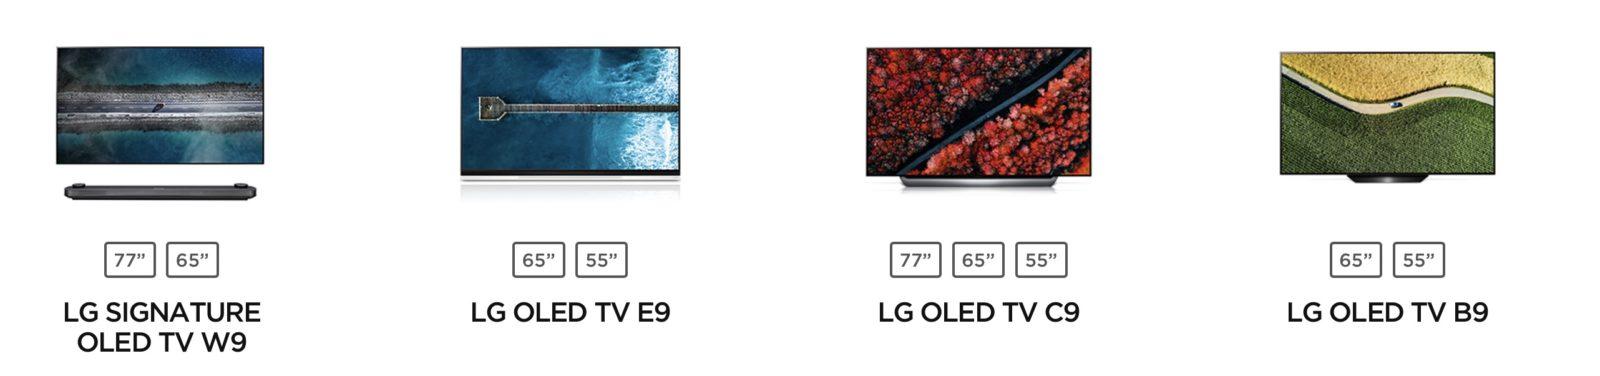 Sui televisori LG 2019 AirPlay 2, Homekit e Alexa arrivano a giorni